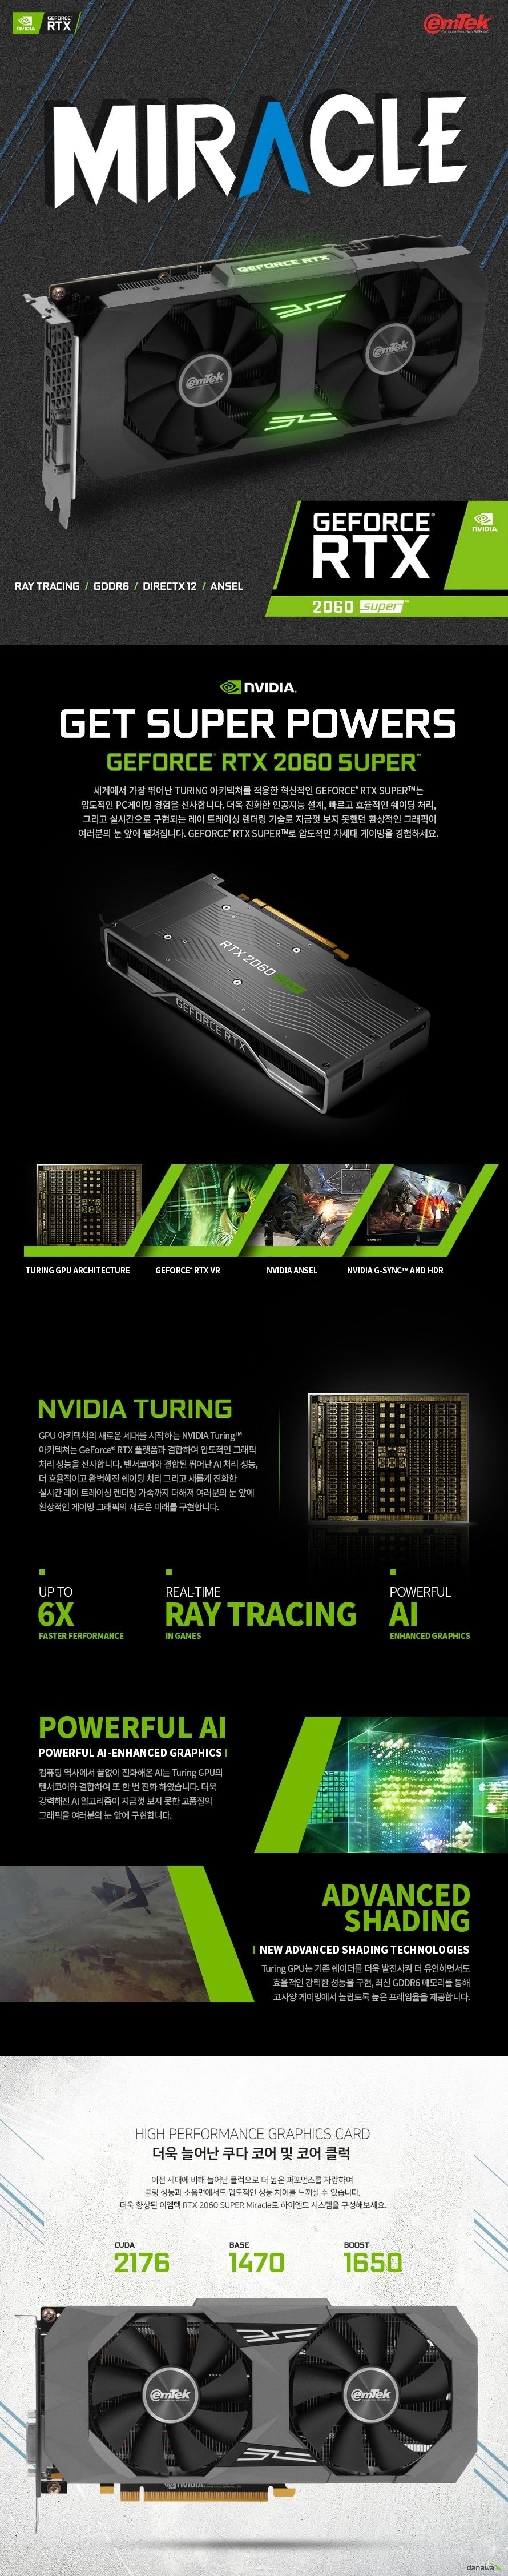 이엠텍 지포스 RTX 2060 SUPER MIRACLE D6 8GB 제품 사이즈  길이 245 밀리미터 높이 116 밀리미터 두께 43 밀리미터  쿠다코어 개수 2176개 베이스 클럭 1470 메가헤르츠 부스트 클럭 1650 메가헤르츠  메모리 버스 256 비트 메모리 타입 gddr6 8기가바이트 메모리 클럭 14000 메가헤르츠  후면 포트 Usb Hdmi 2.0b 포트  Dp1.4 포트 3개 Dl-DVI-D 1개  최대 7680 4320 해상도 지원 최대 멀티 디스플레이 4대 지원  소비 전력 175와트 권장 전력 550와트 8핀 전원 커넥터 지원  지원 운영체제 윈도우 10 8 7 32 및 64비트 지원 kc인증번호 r-r-emt-emt-n206-s